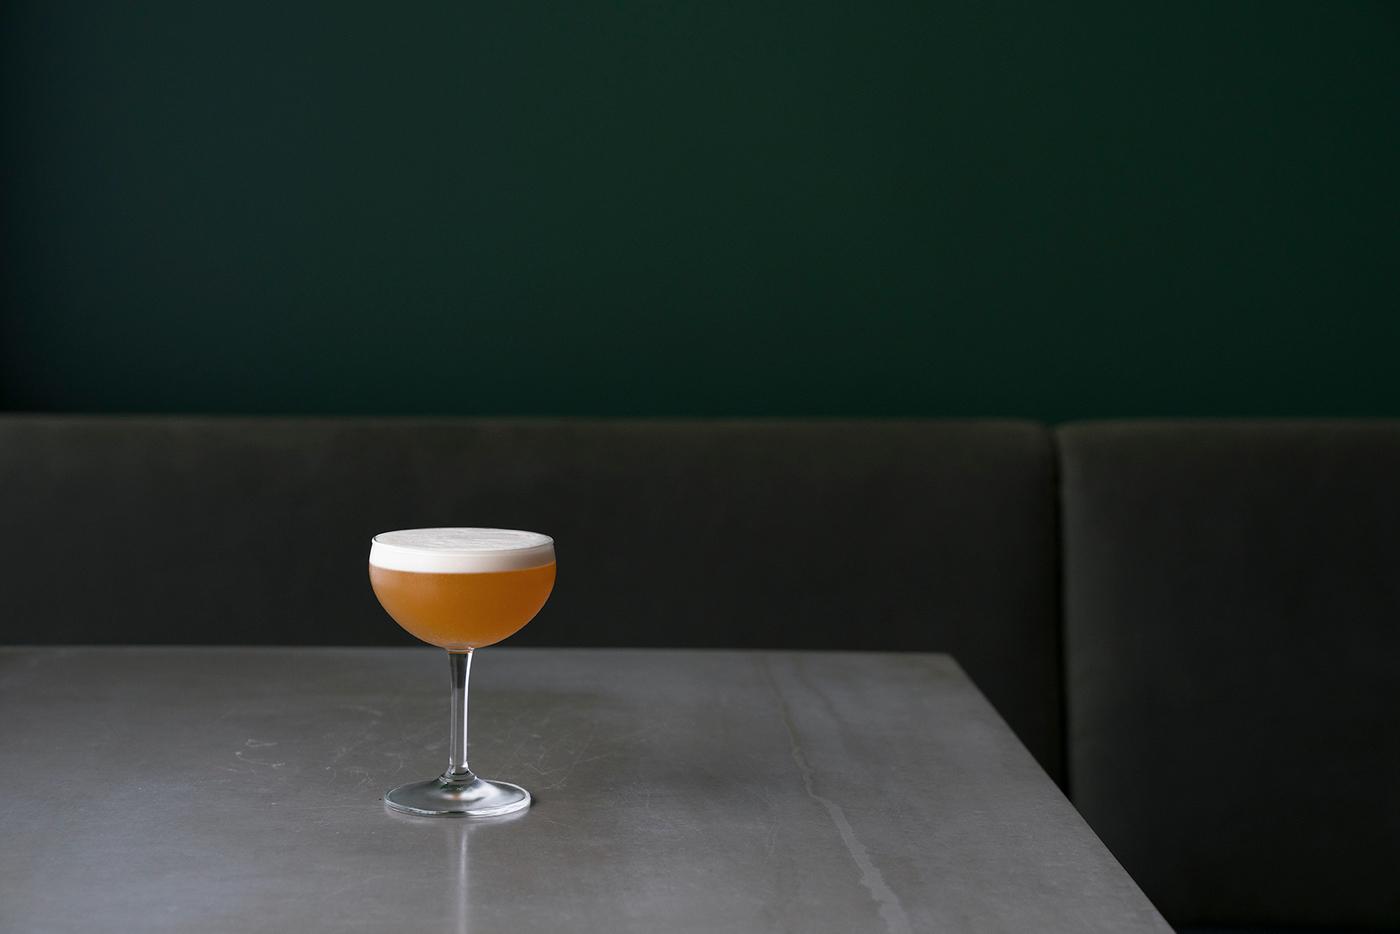 IL Brutto_phase 1_Orange cocktail.jpg